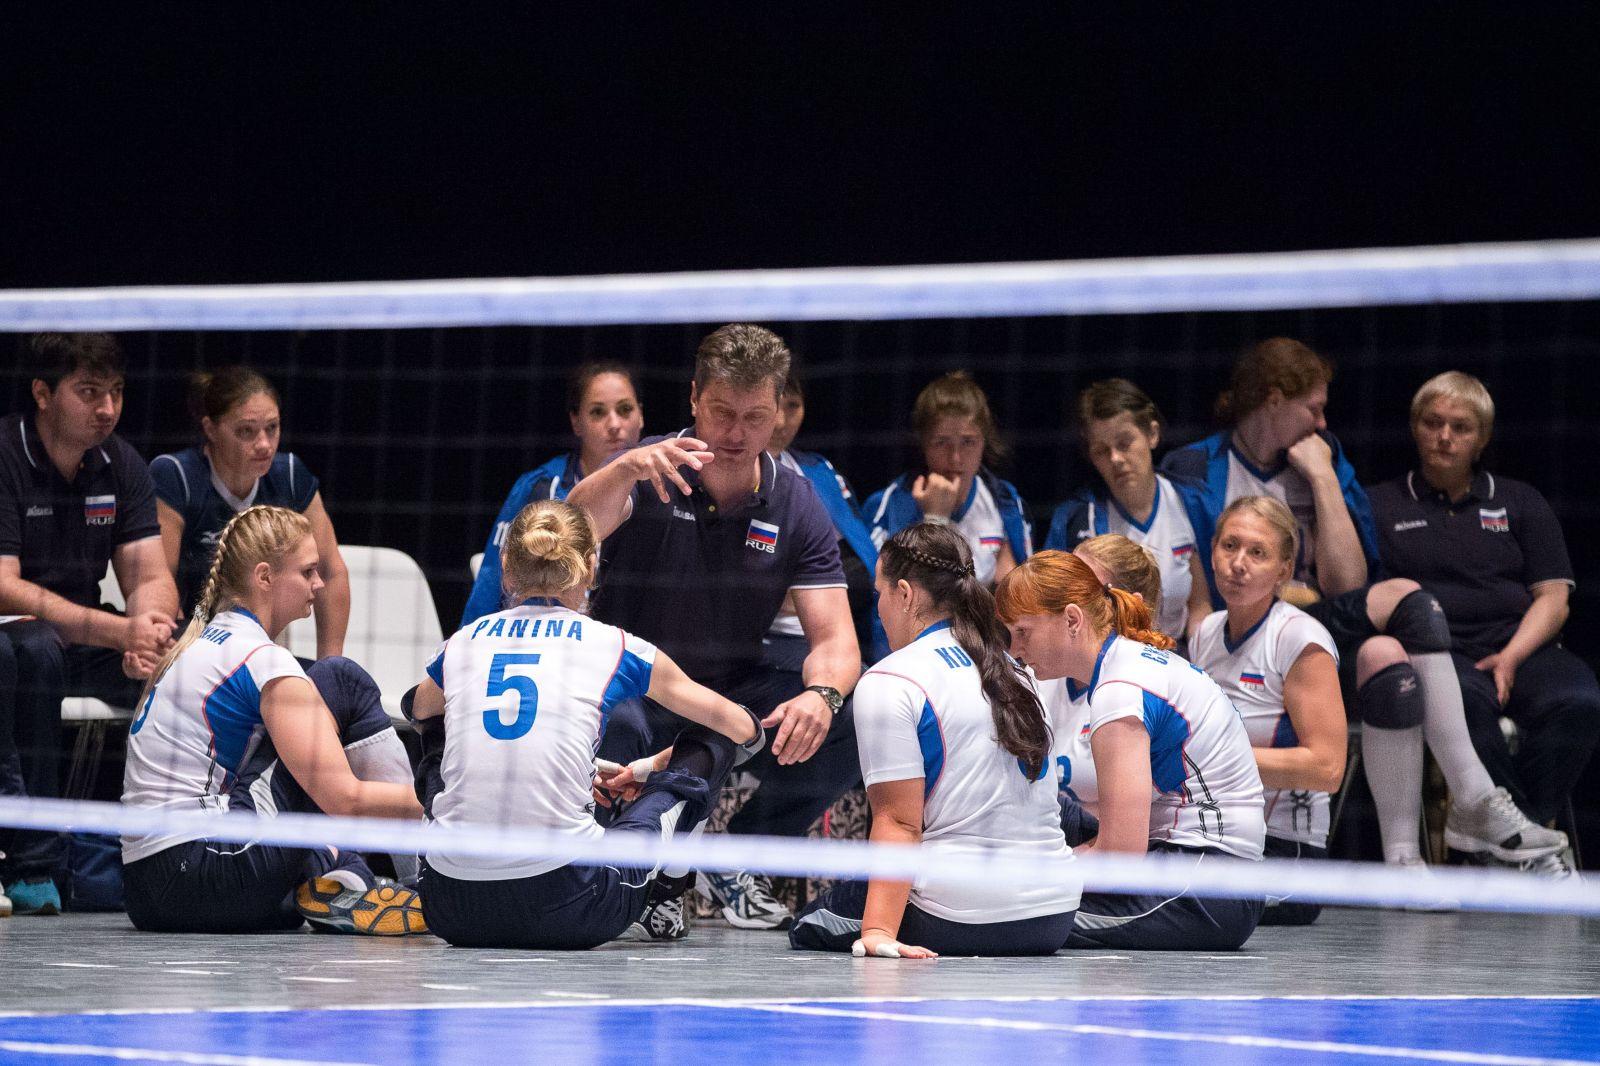 Женская сборная России по волейболу сидя в США проведет серию товарищеских матчей со сборными США и Бразилии